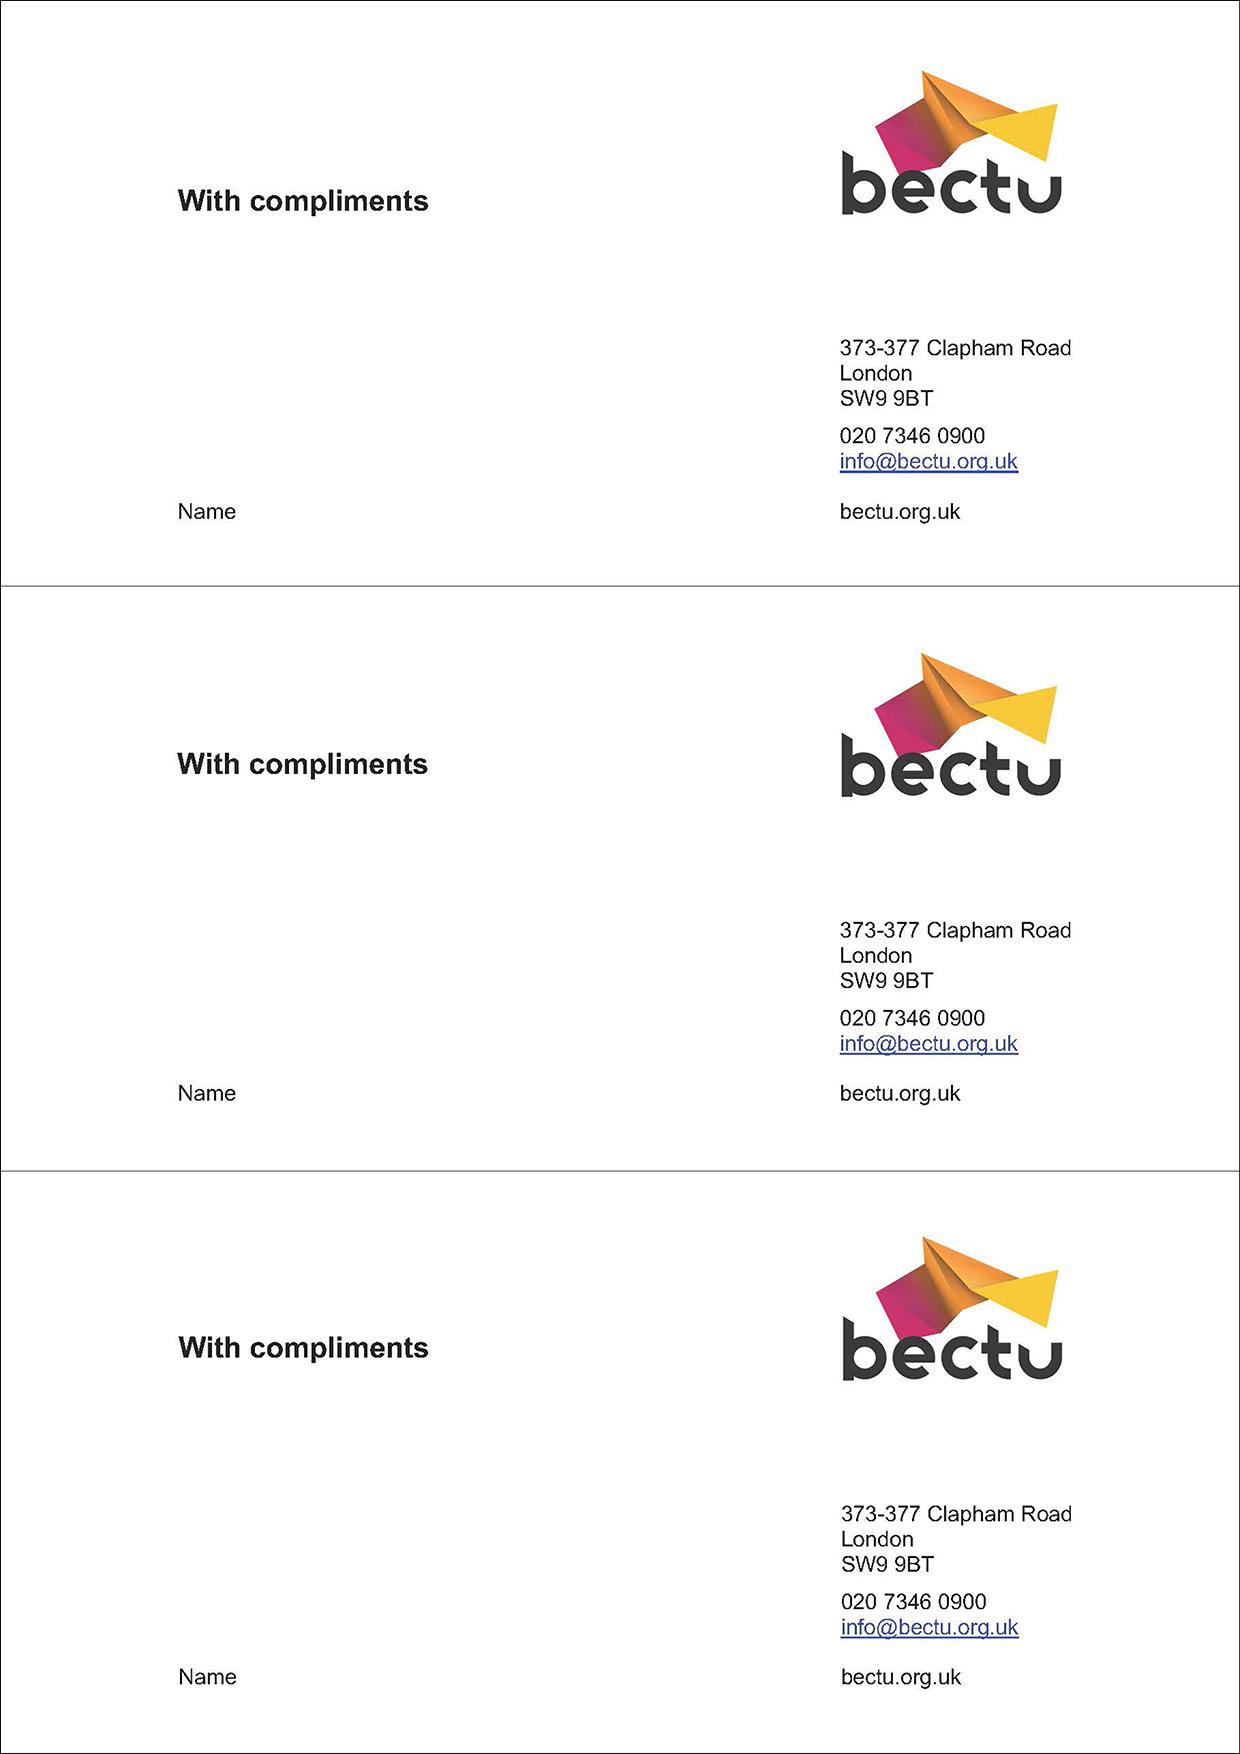 Bectu comp slip